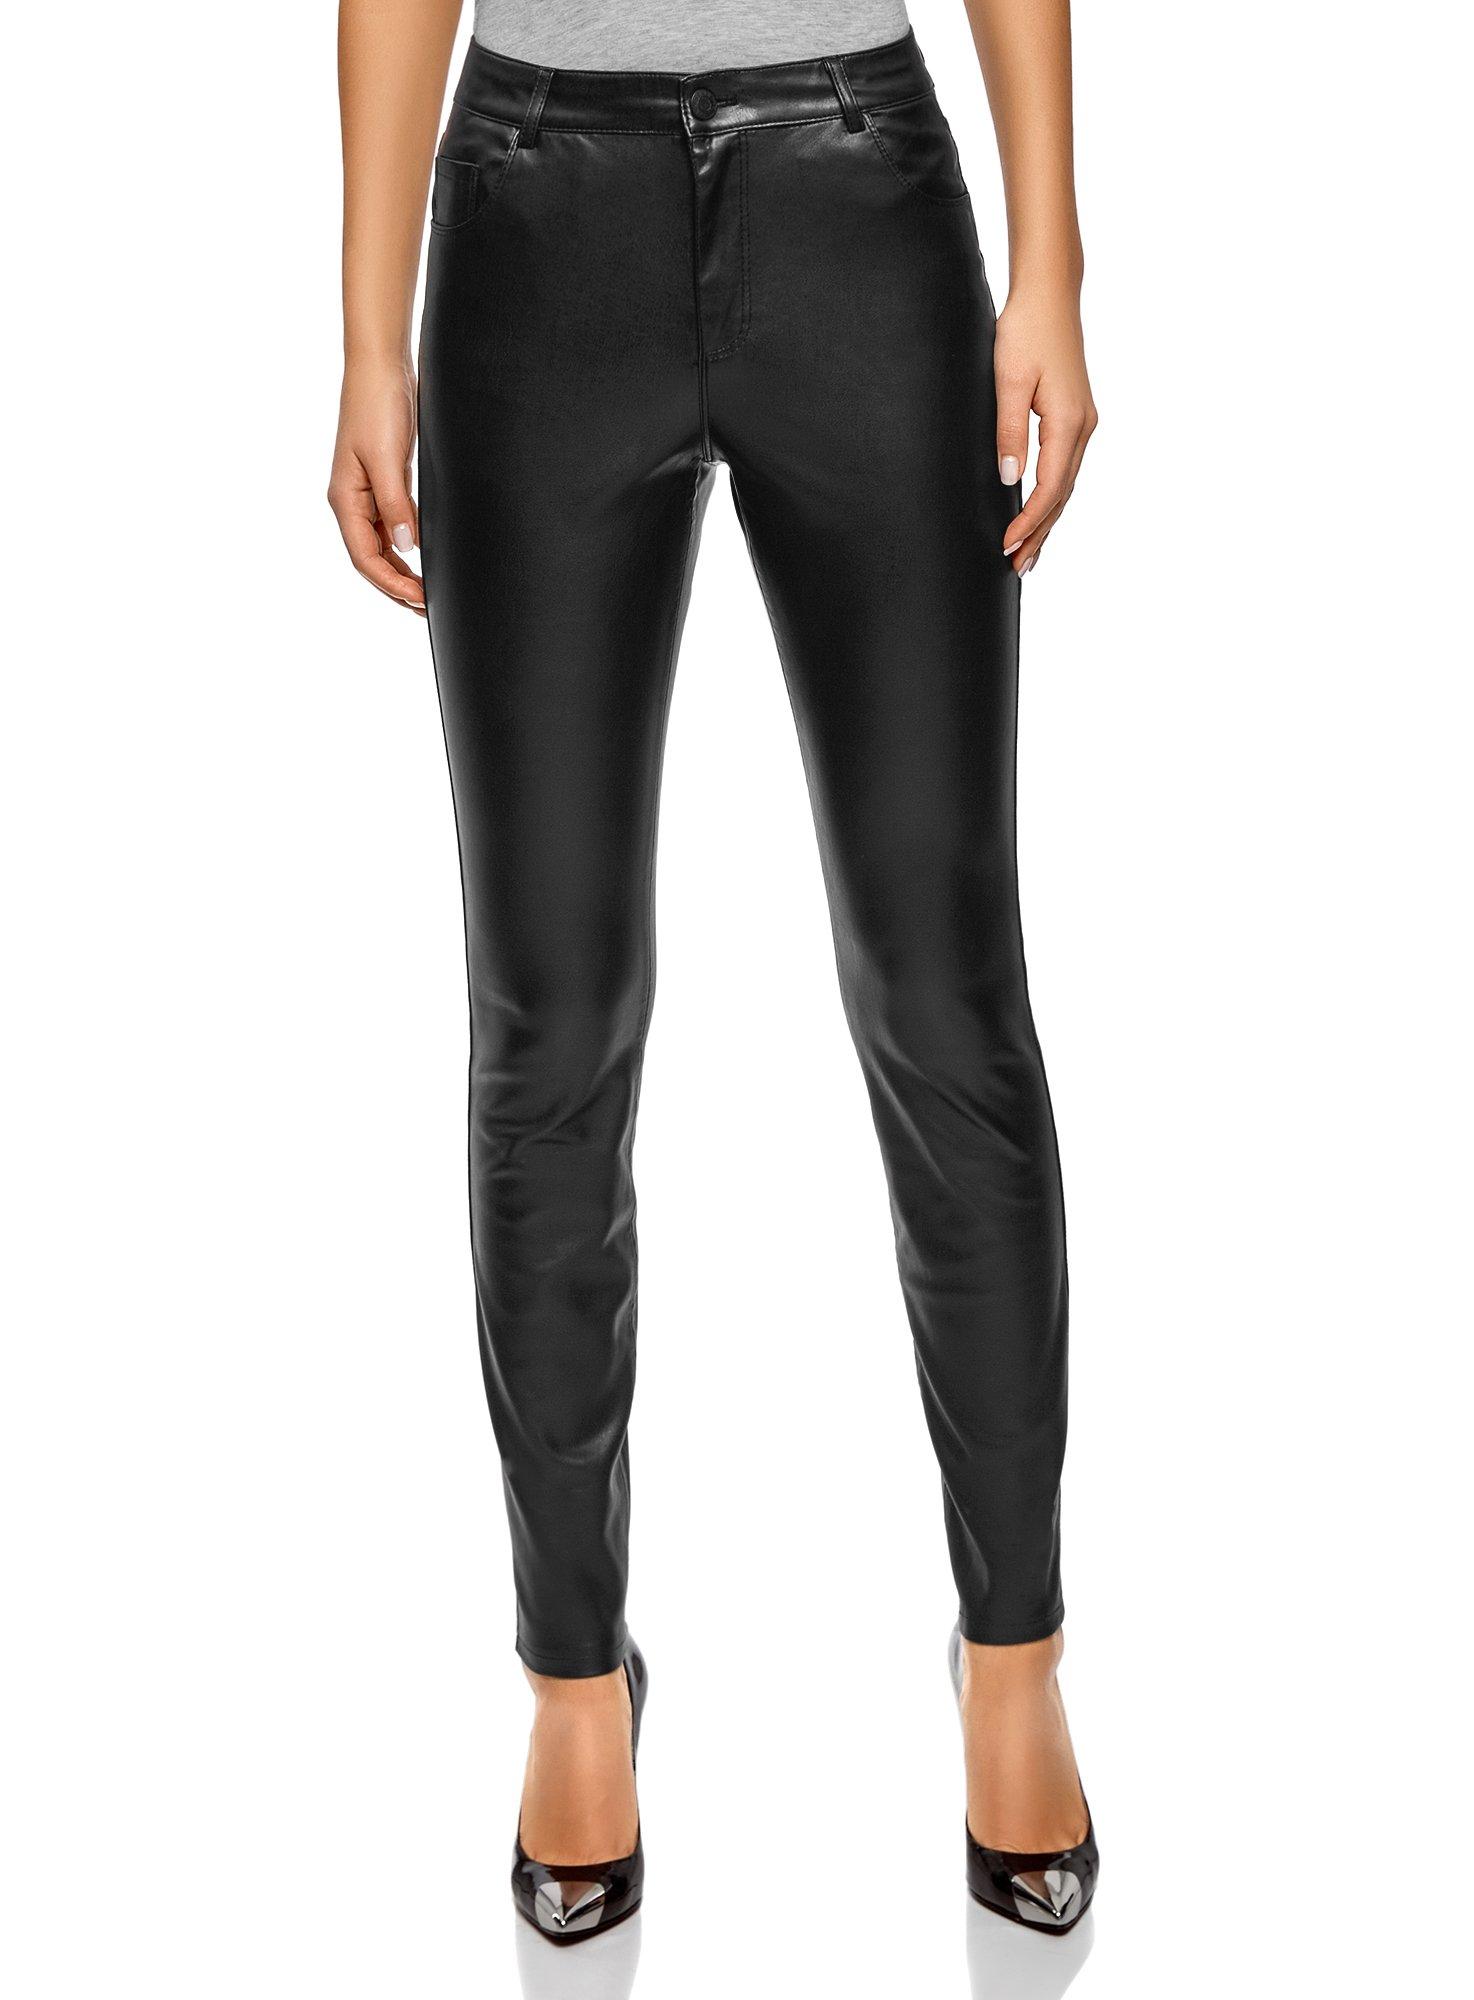 oodji Ultra Women's Slim-Fit Faux Leather Trousers, Black, 2